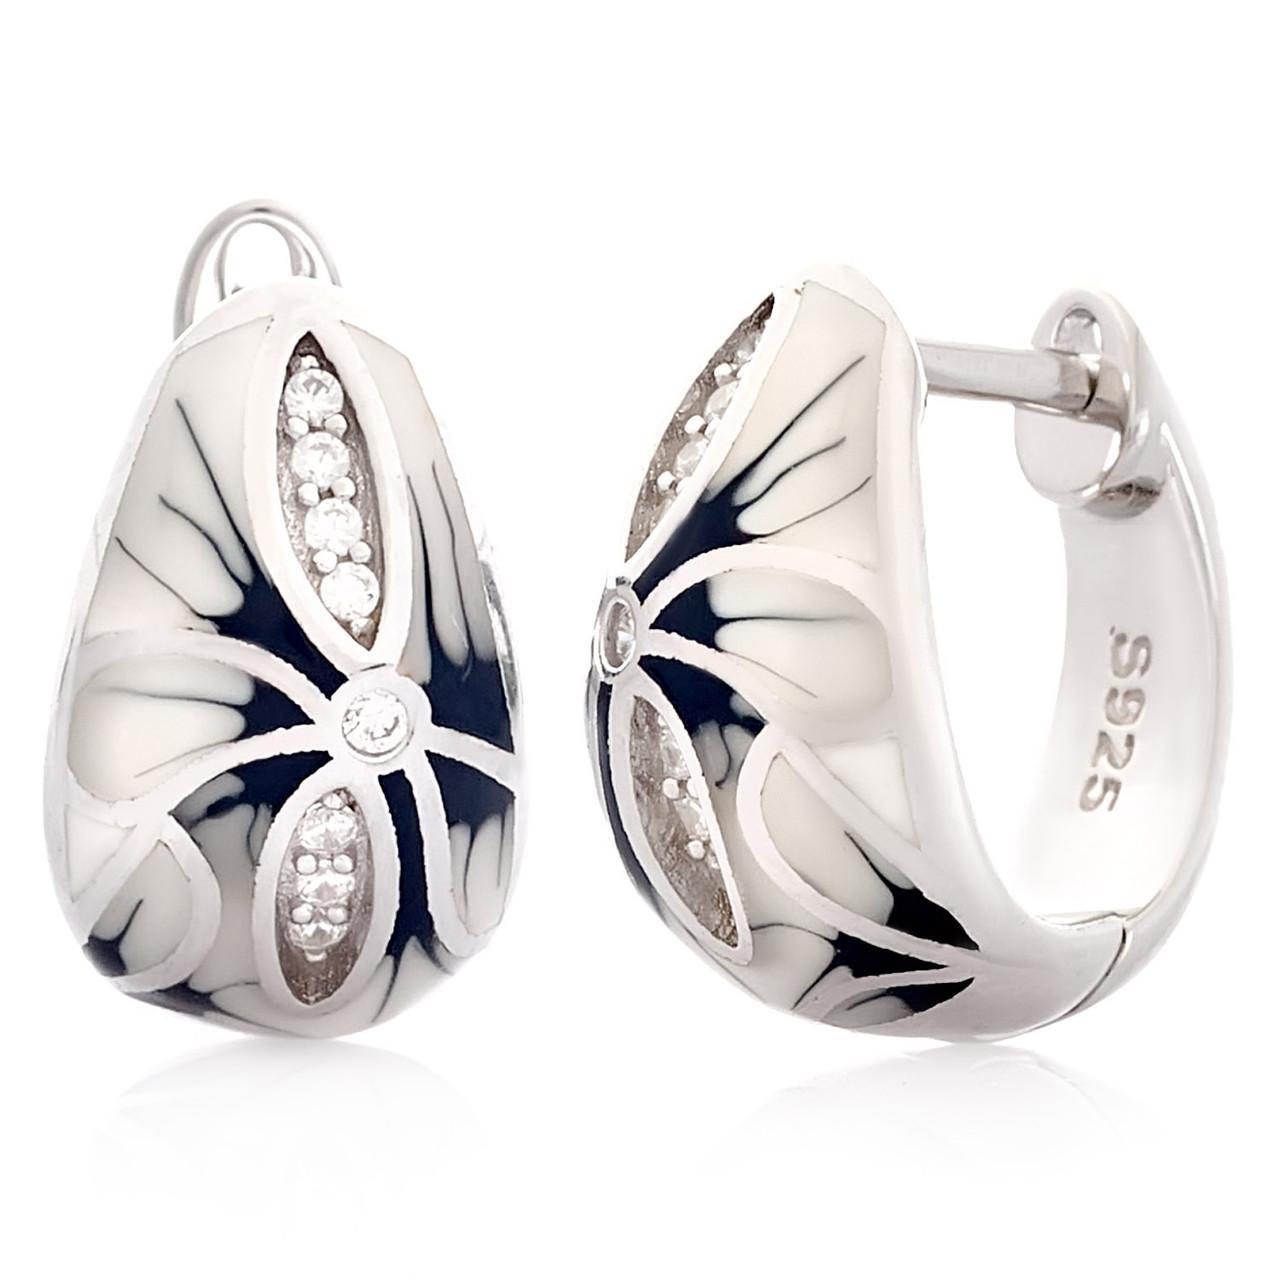 Срібні сережки з емаллю